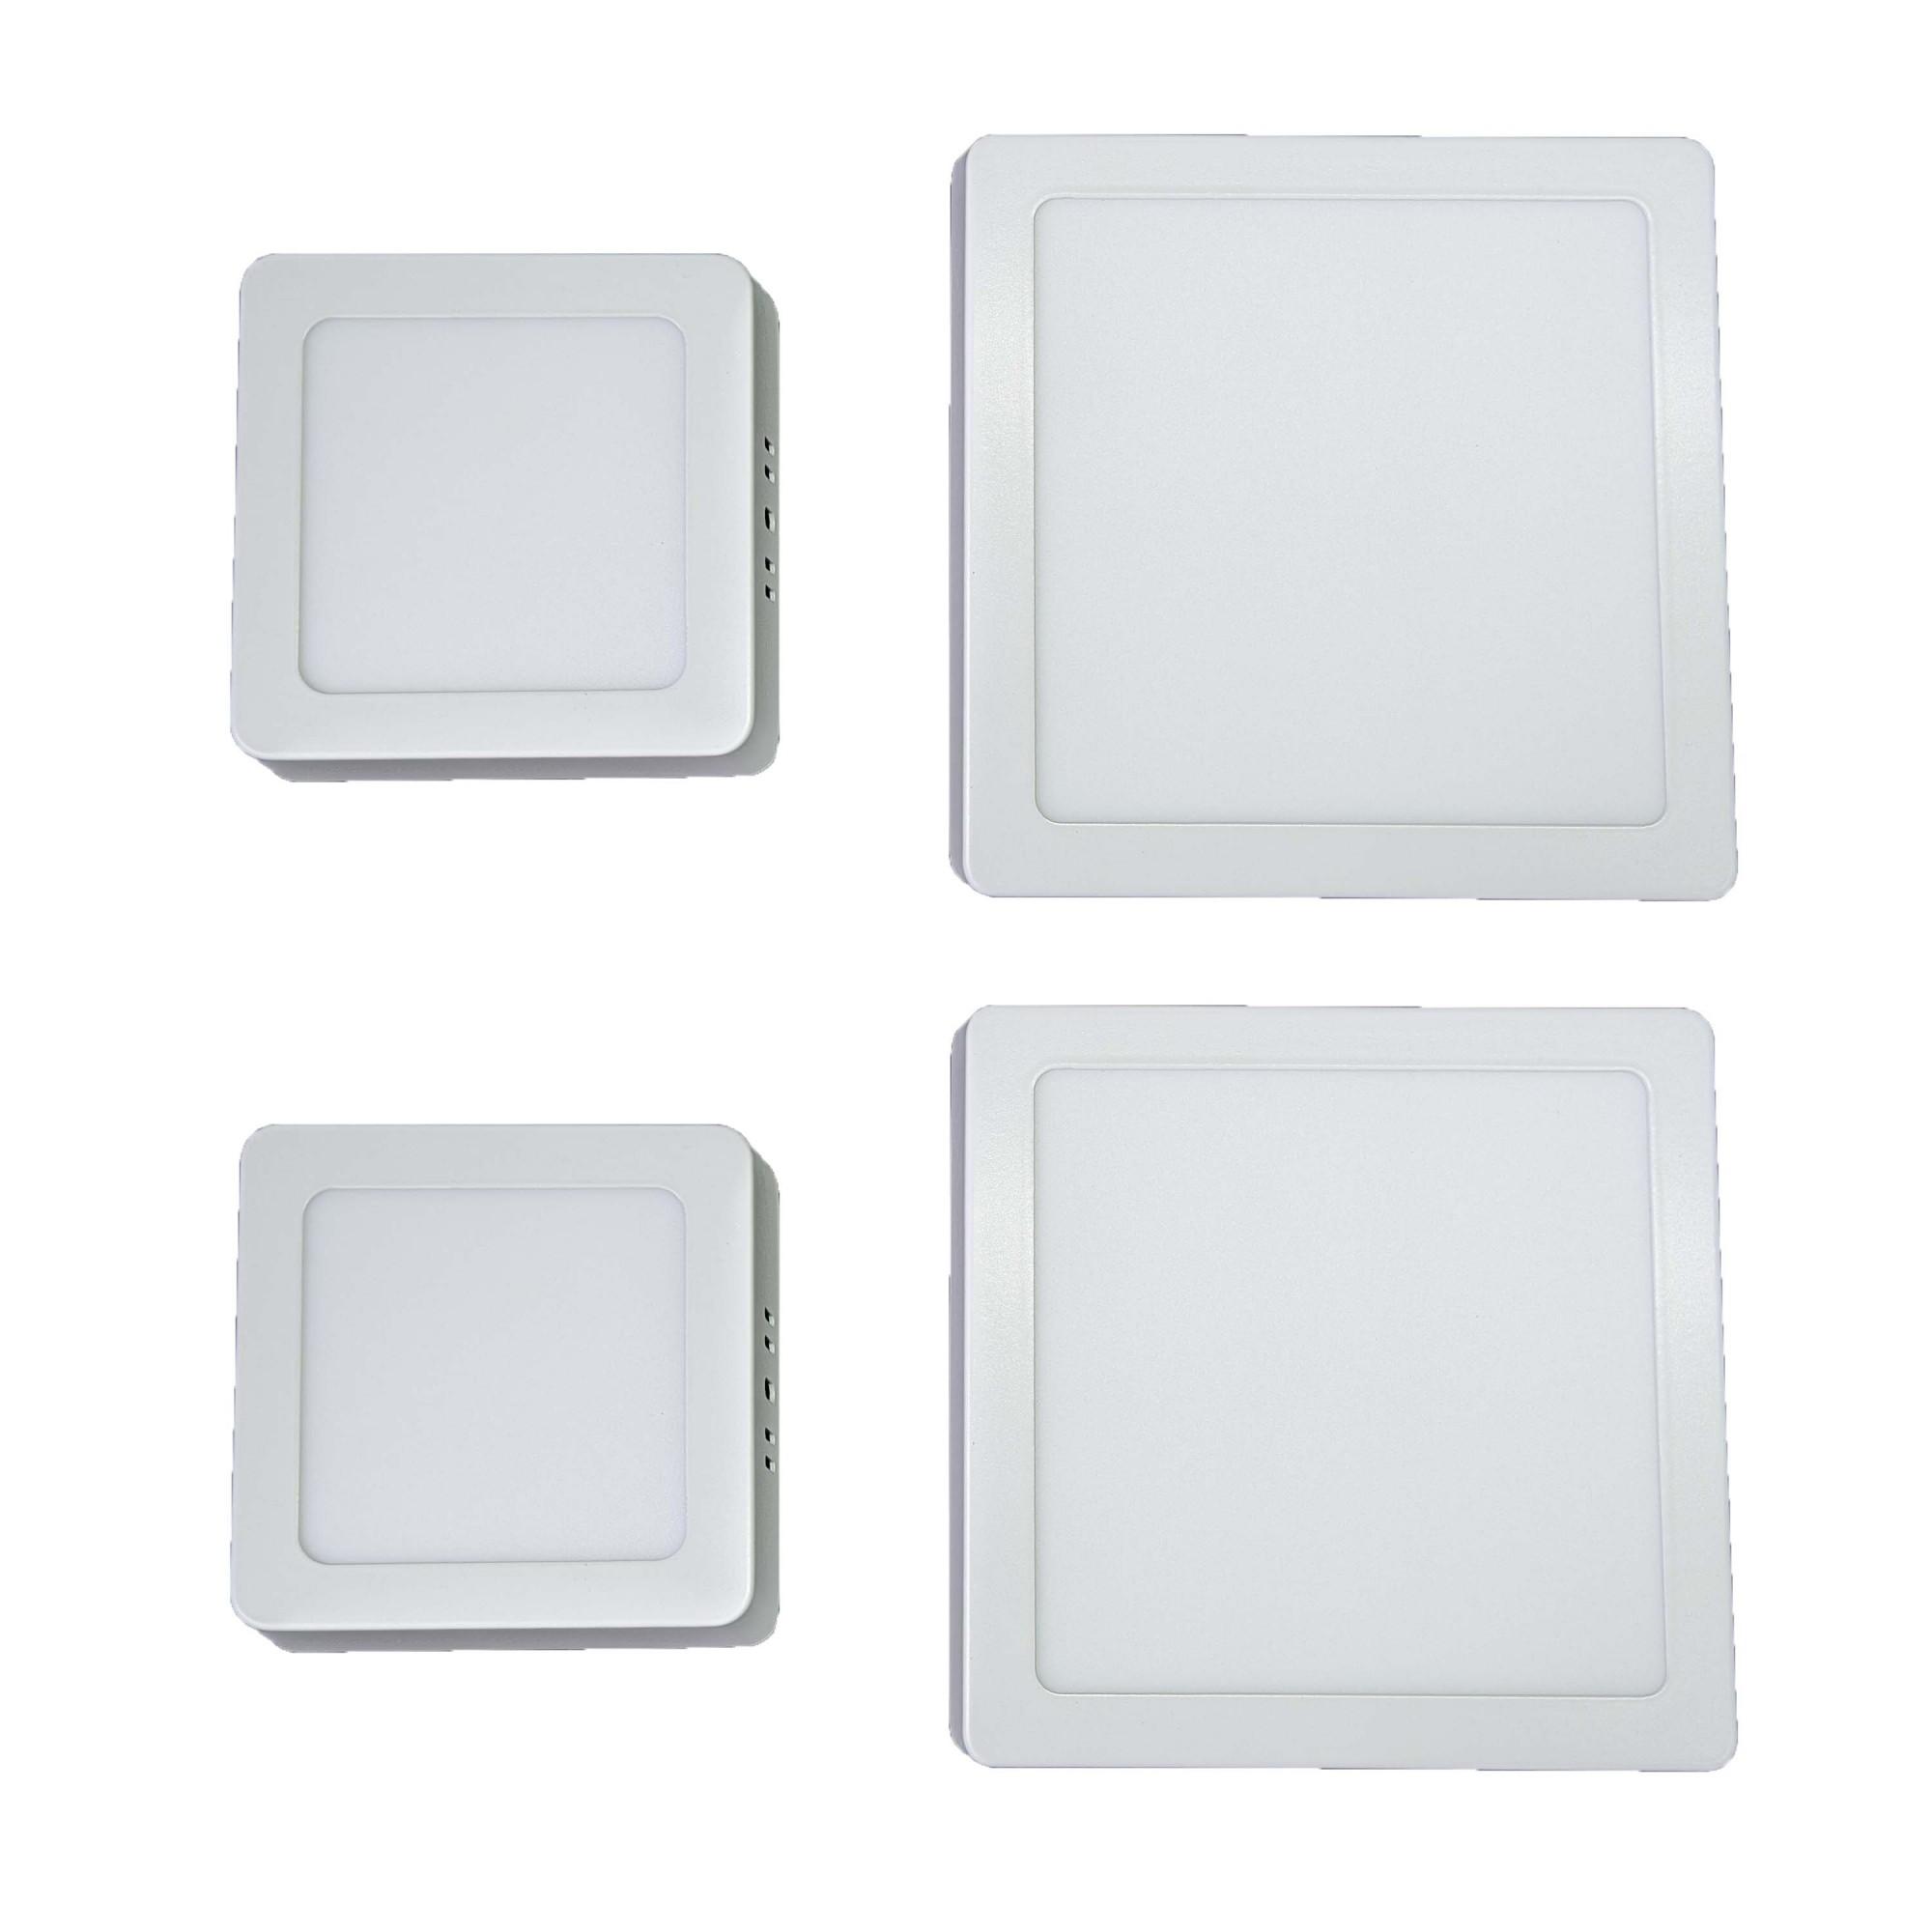 Iluminação banheiro Kit Luminárias 2 x 18W e 2 x 6W Luz Fria Sobrepor